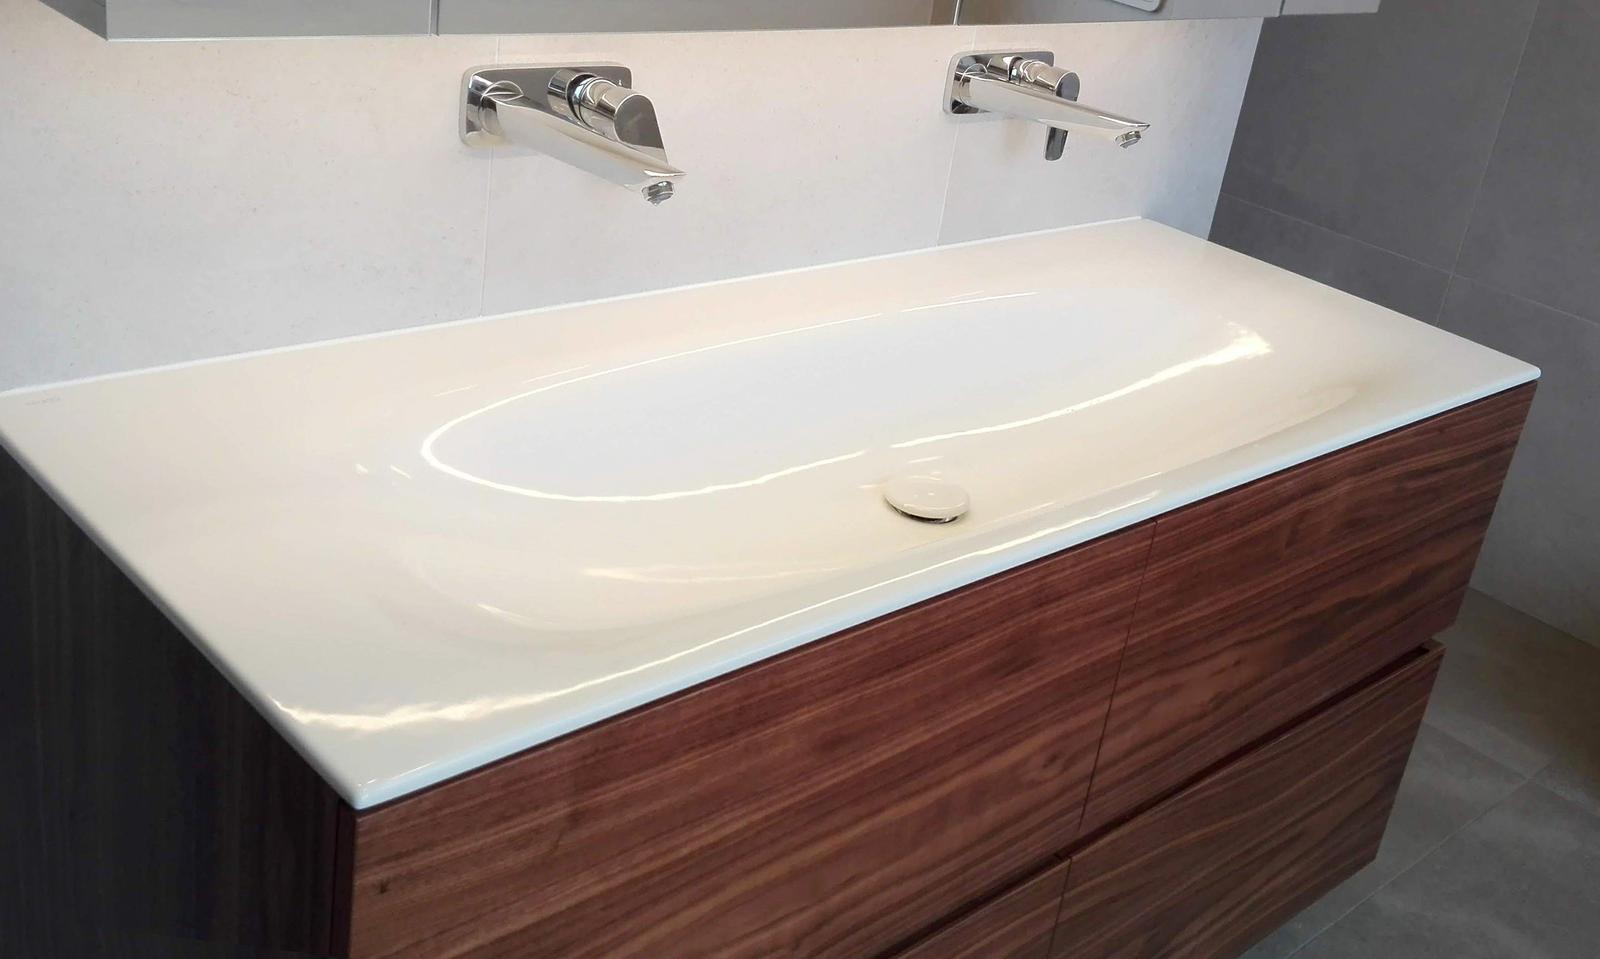 Dizajn a výroba nábytku na mieru Cubica - Kúpeľňová skrinka pod umývadlo - dýha orech americký - design a výroba cubica